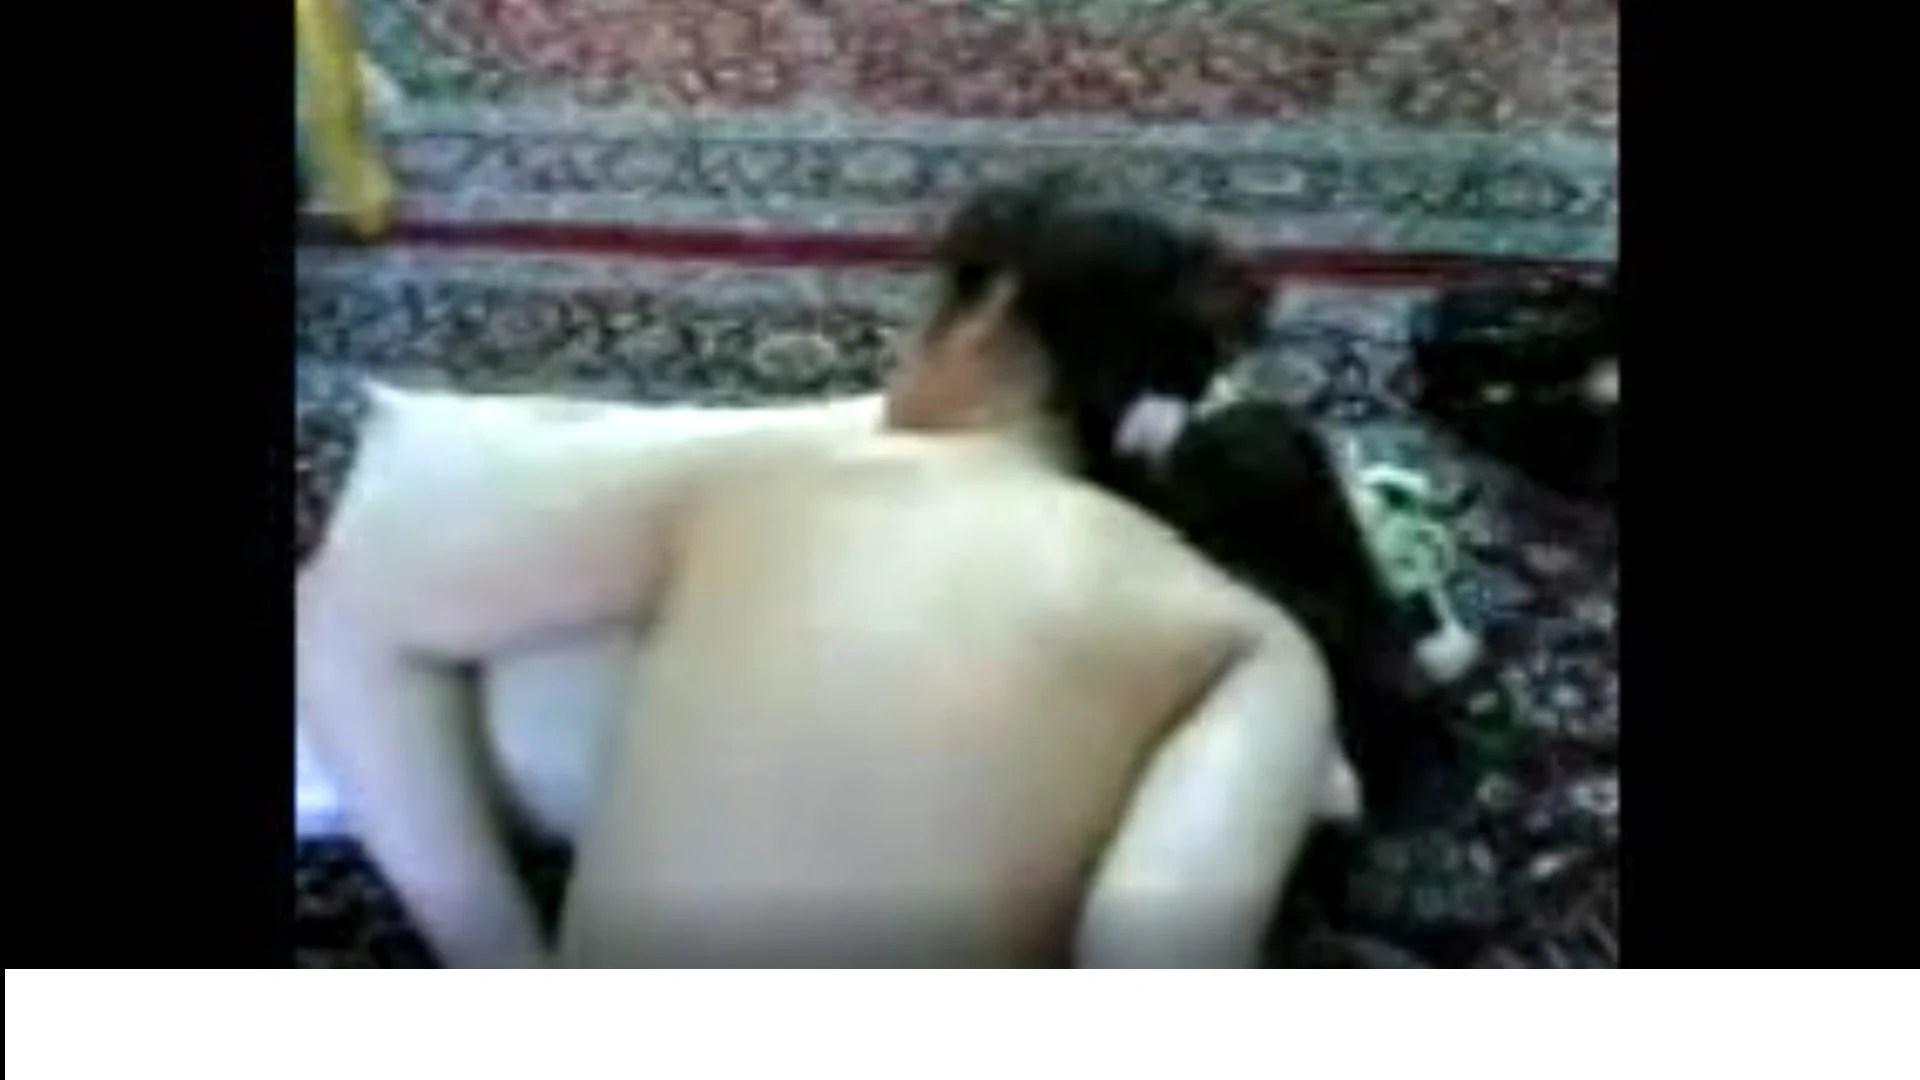 سکس توپ با دختر ایرانی از کس و کون سایت سکسی قمبل | CLOUDY GIRL PICS